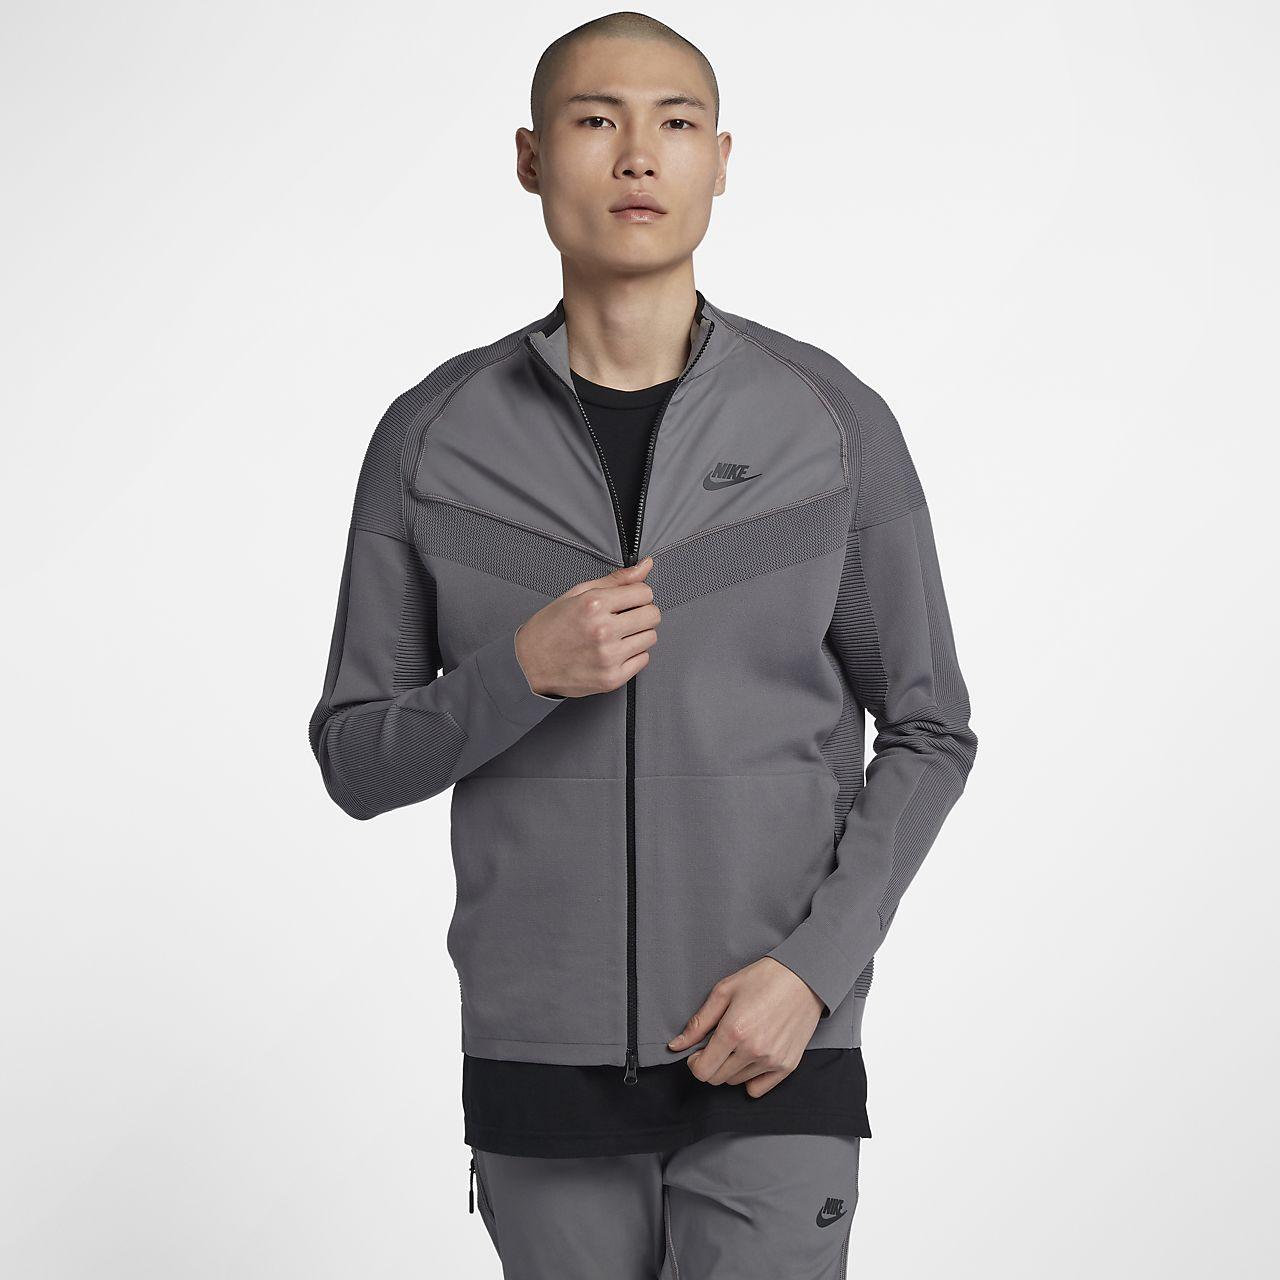 Nike Uomo Knit CH Tech Giacca Sportswear zwSxR